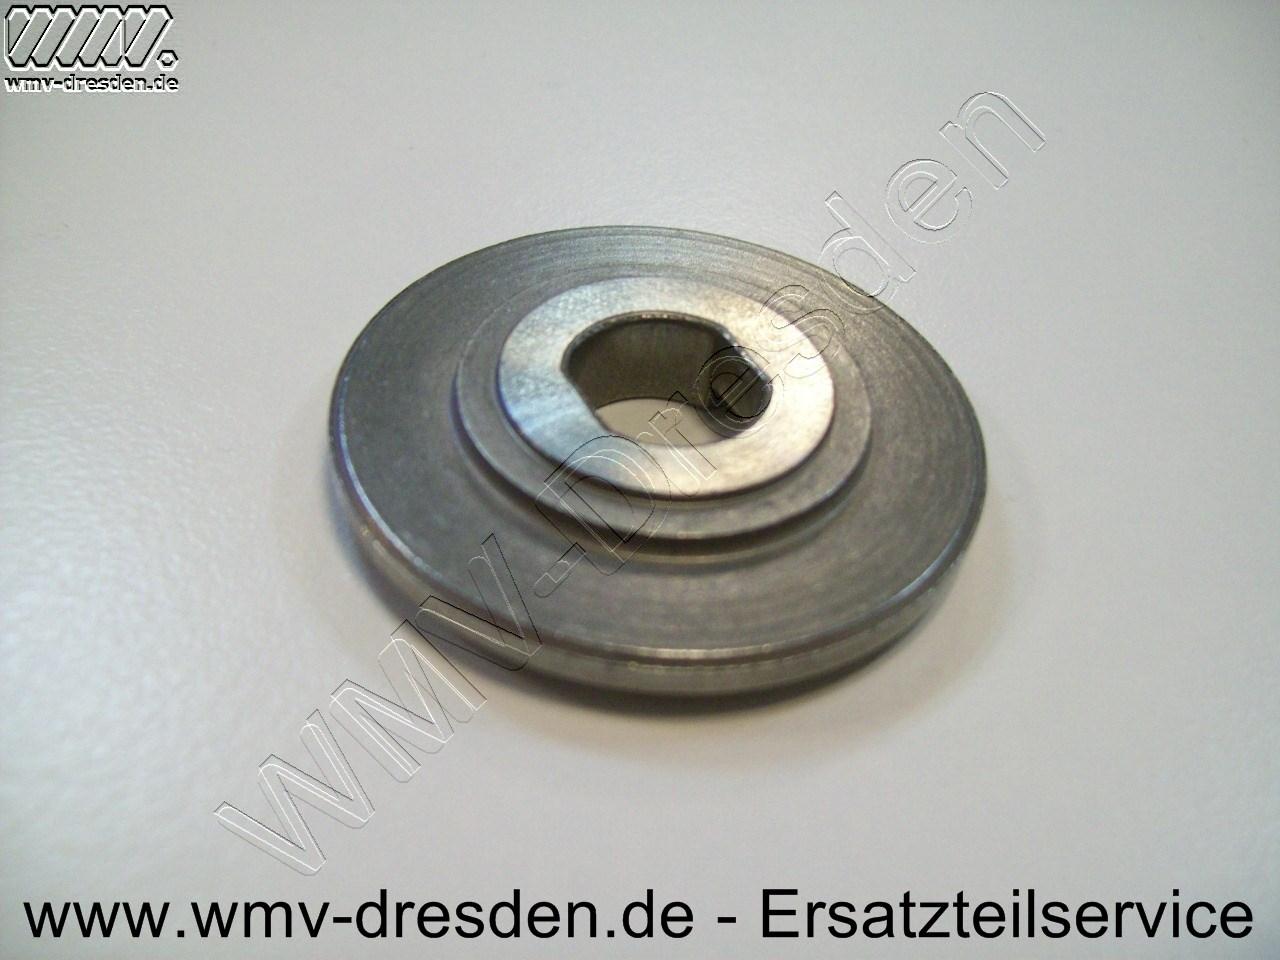 Flansch ATF 55 E, Rückseite mit zwei unterschiedlichen Durchmessern 21 mm und 26,5 mm - siehe Foto